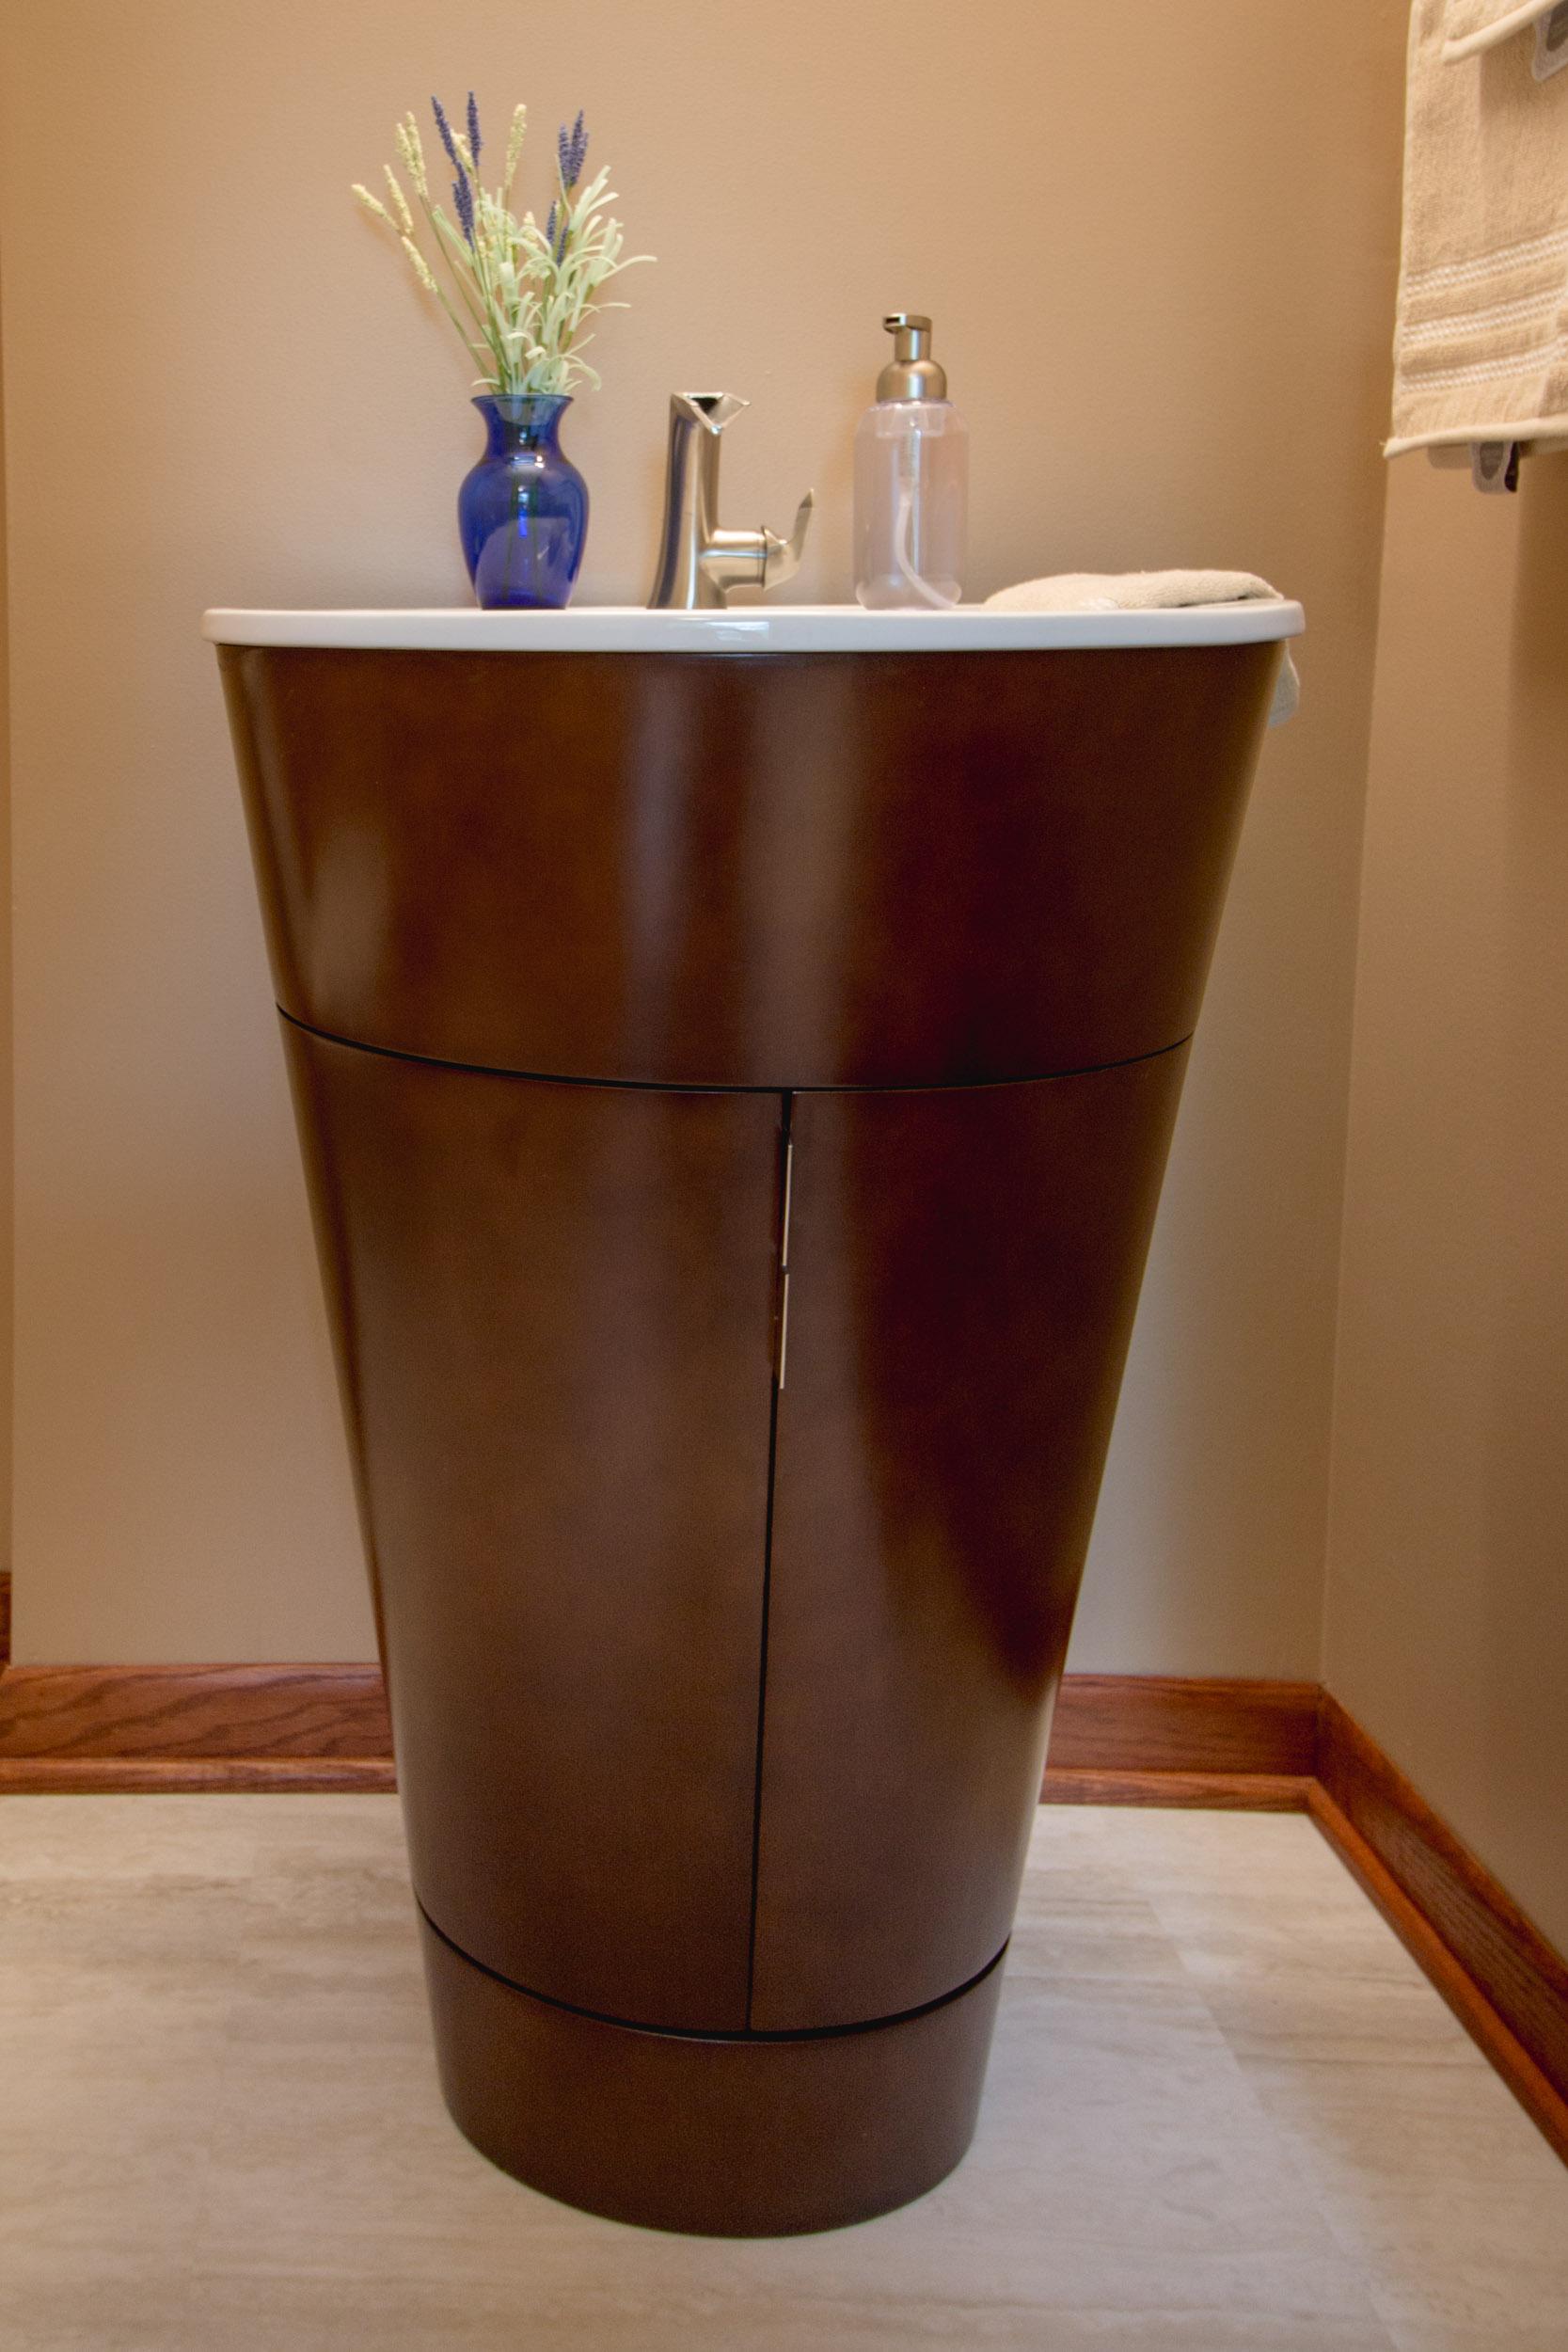 Contemporary bathroom Vanity For a Half bath.